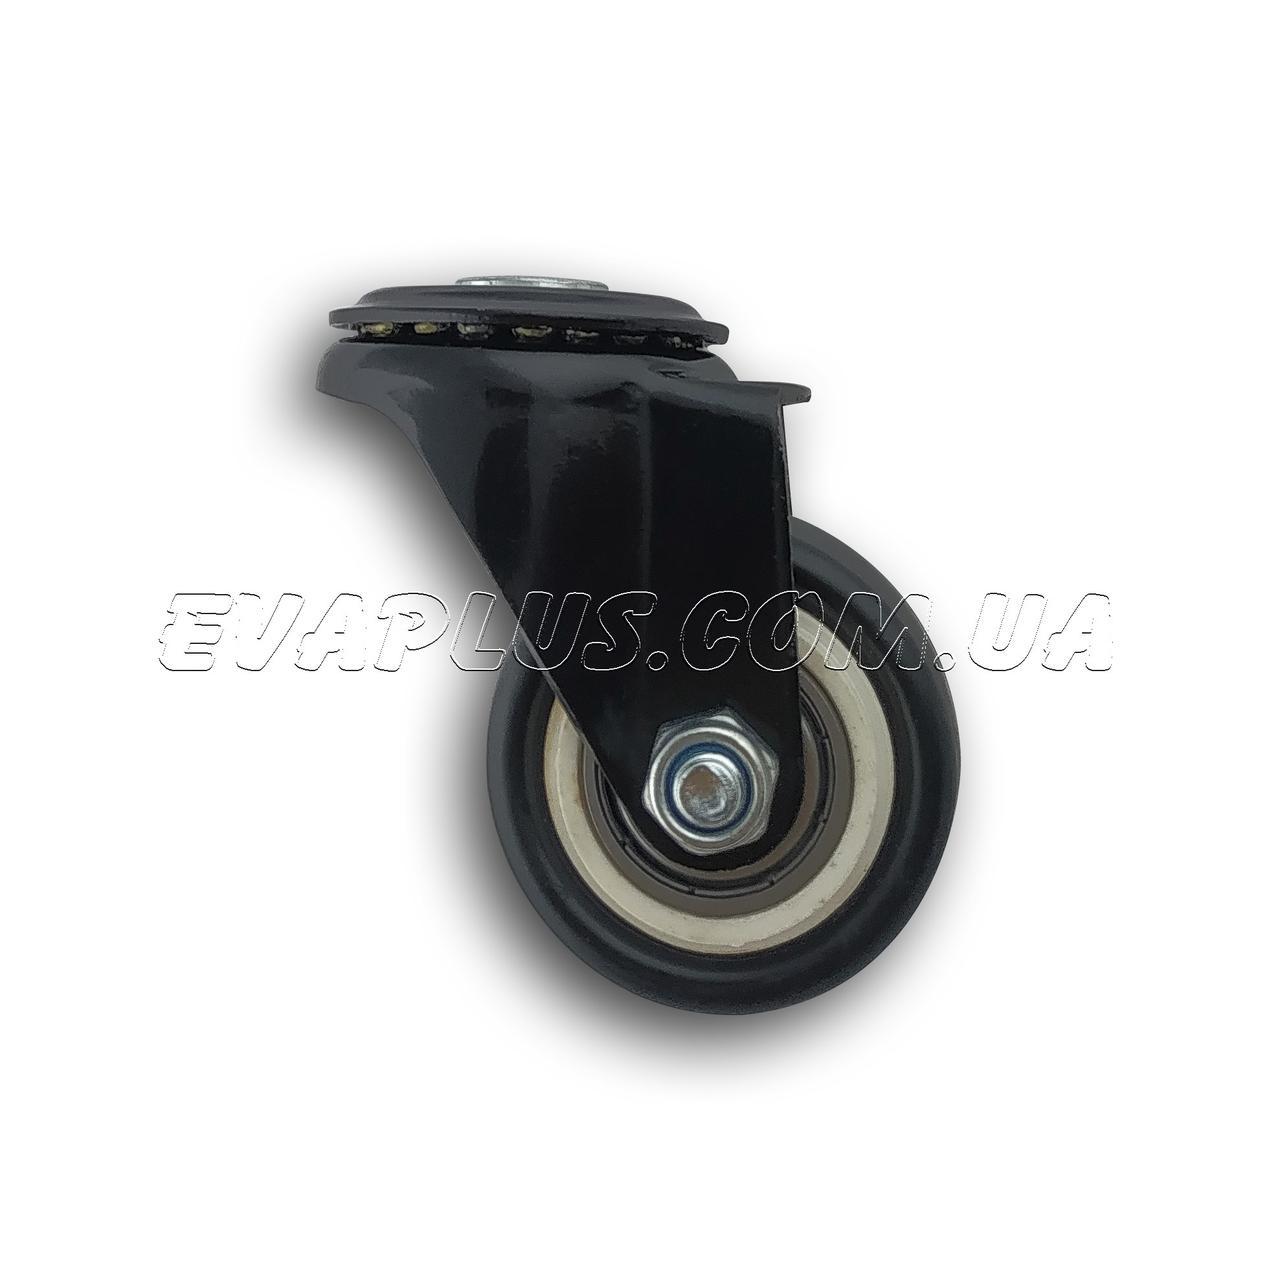 Поворотное колесо 41 мм в металлическом корпусе с отверстием